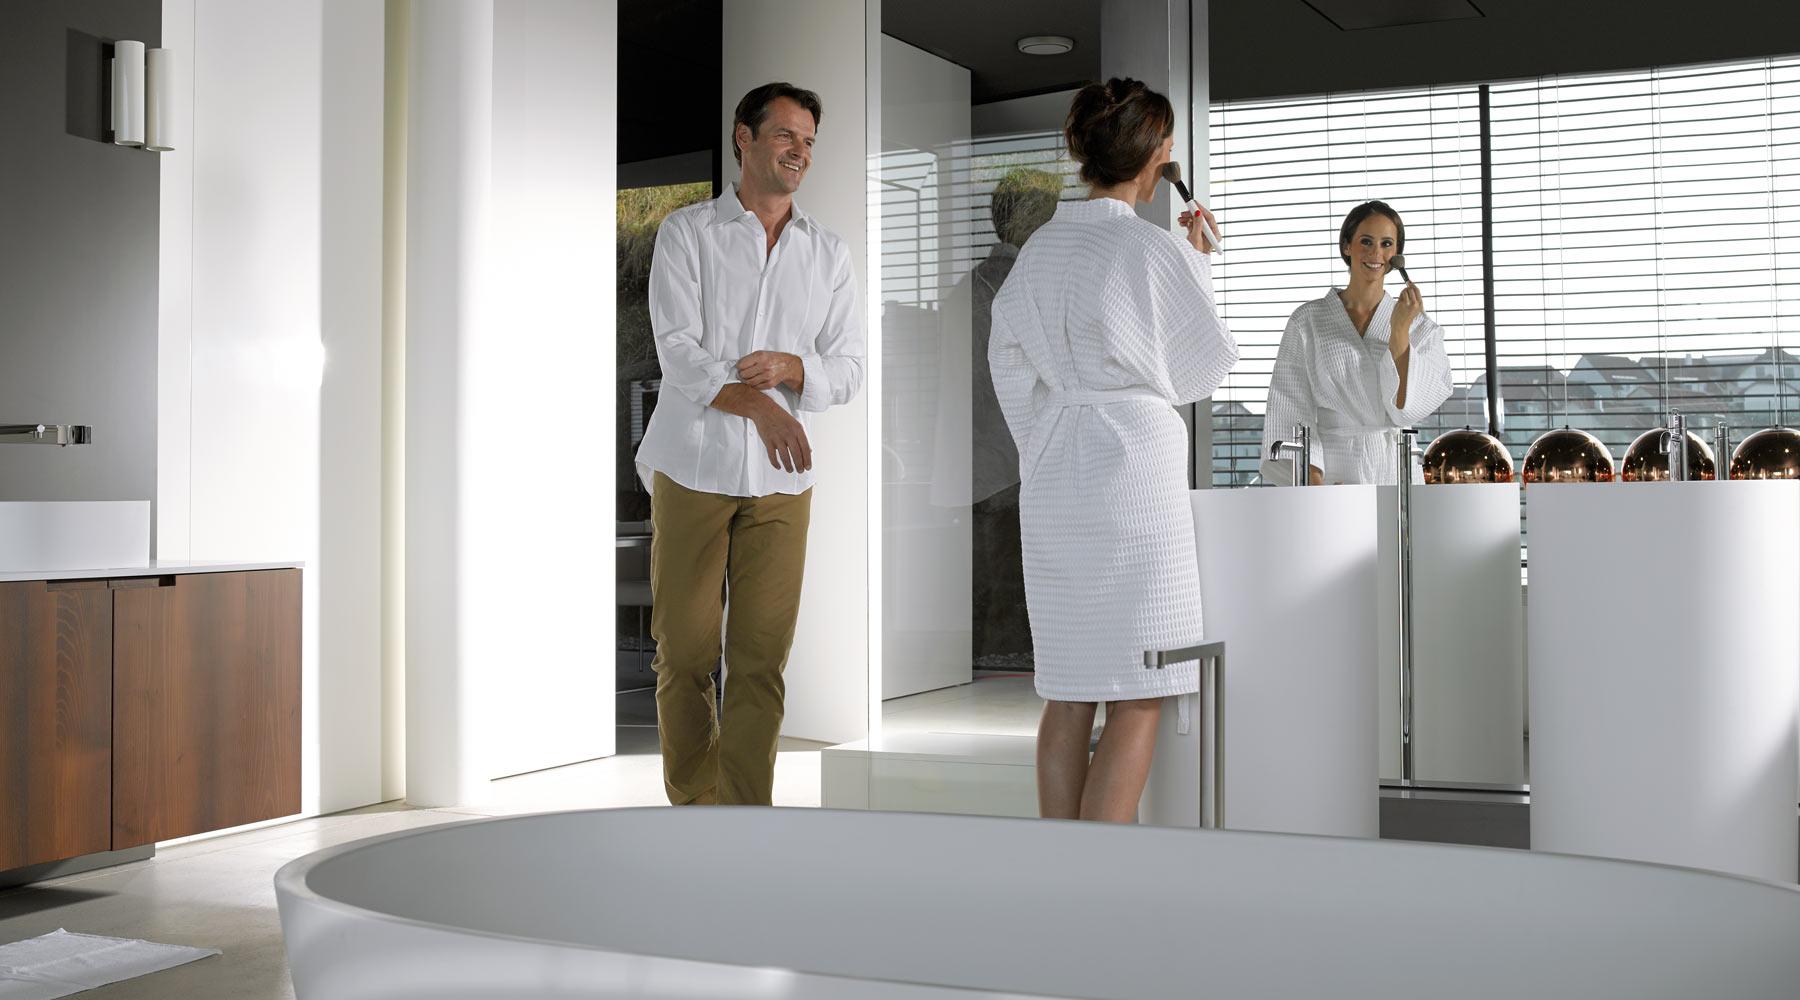 Muž a žena v koupelně.